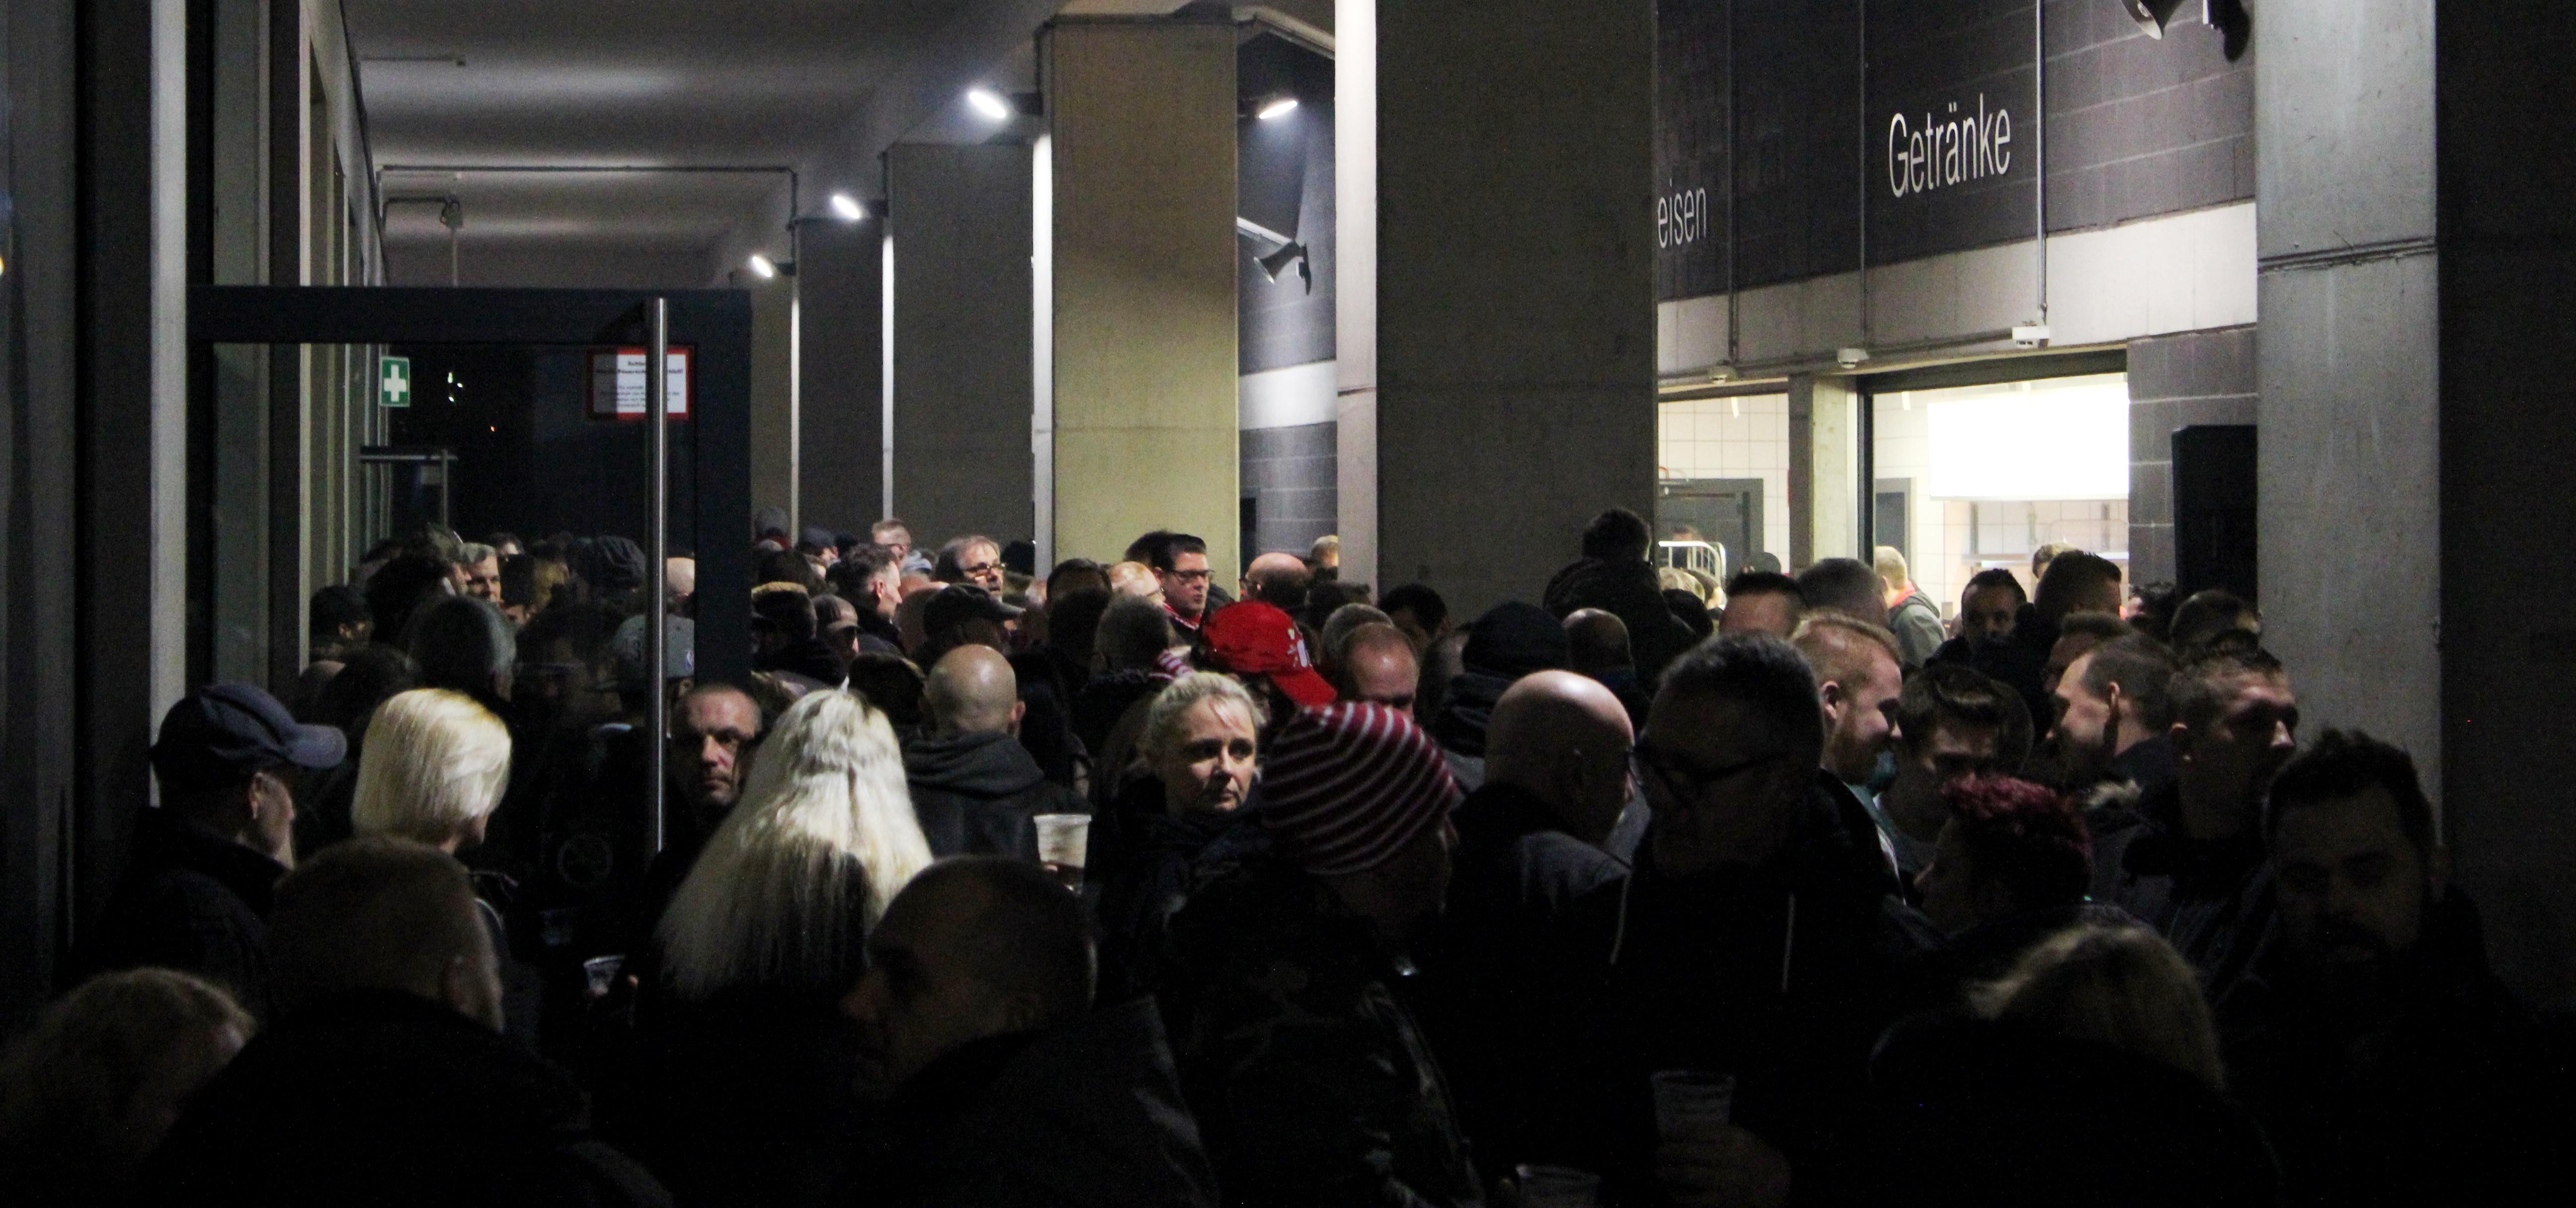 Rund 800 Rot-Weisse begrüßten das neue Jahr am Freitag im Stadion Essen.